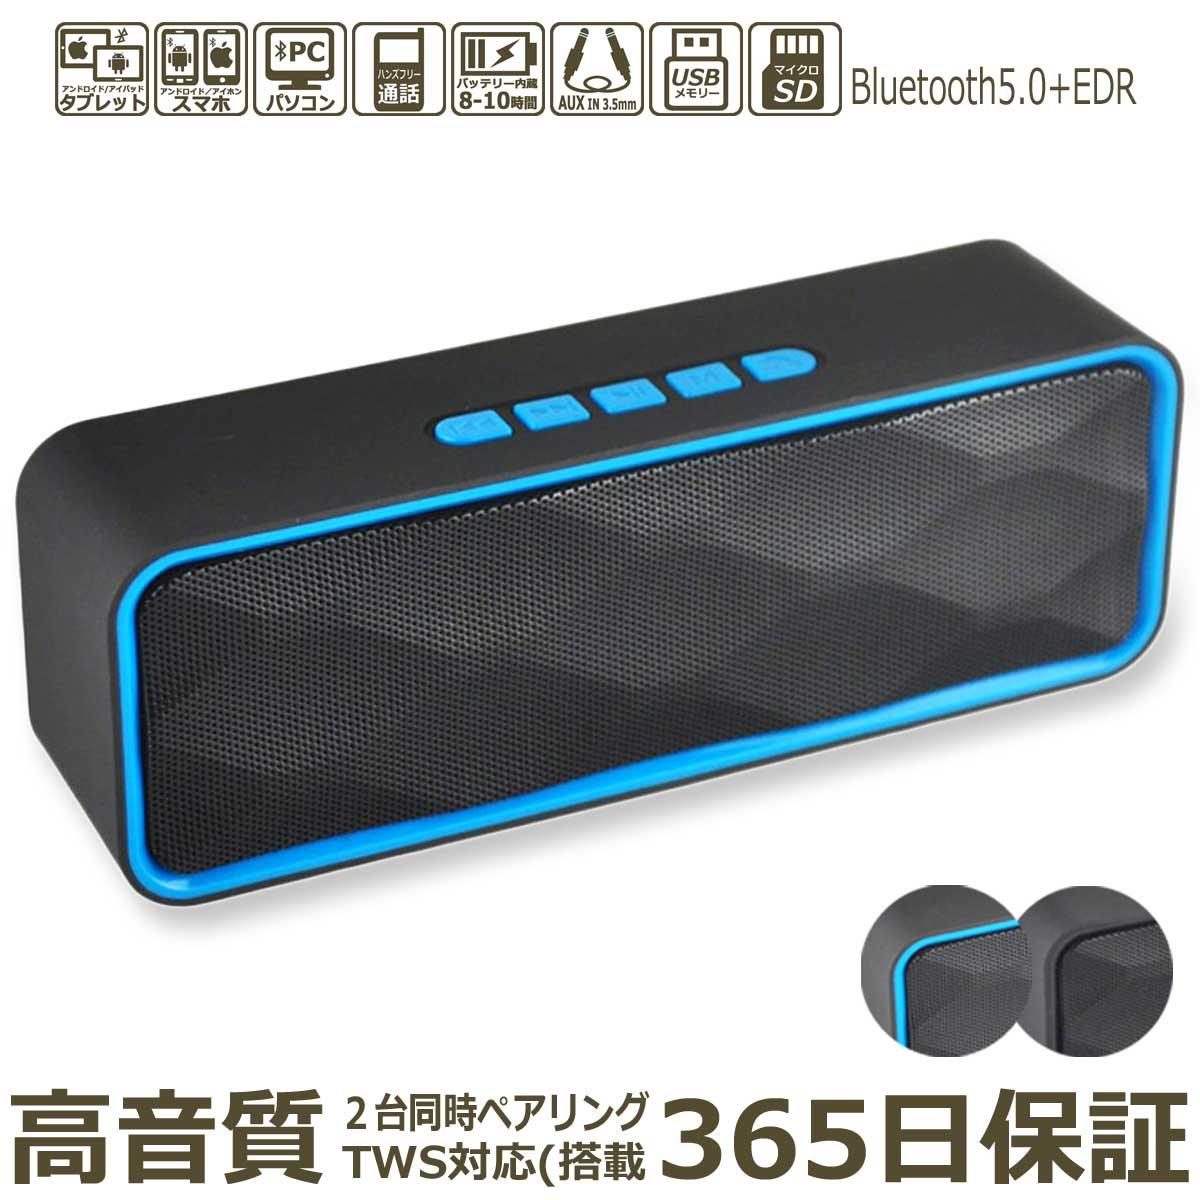 AGM ブルートゥース スピーカー Bluetooth 高音質 高出力 重低音 電話 アウトドア 野外 旅行 屋外 iphone ipad ipod mini pc スマホ コスパ ブルー SC211